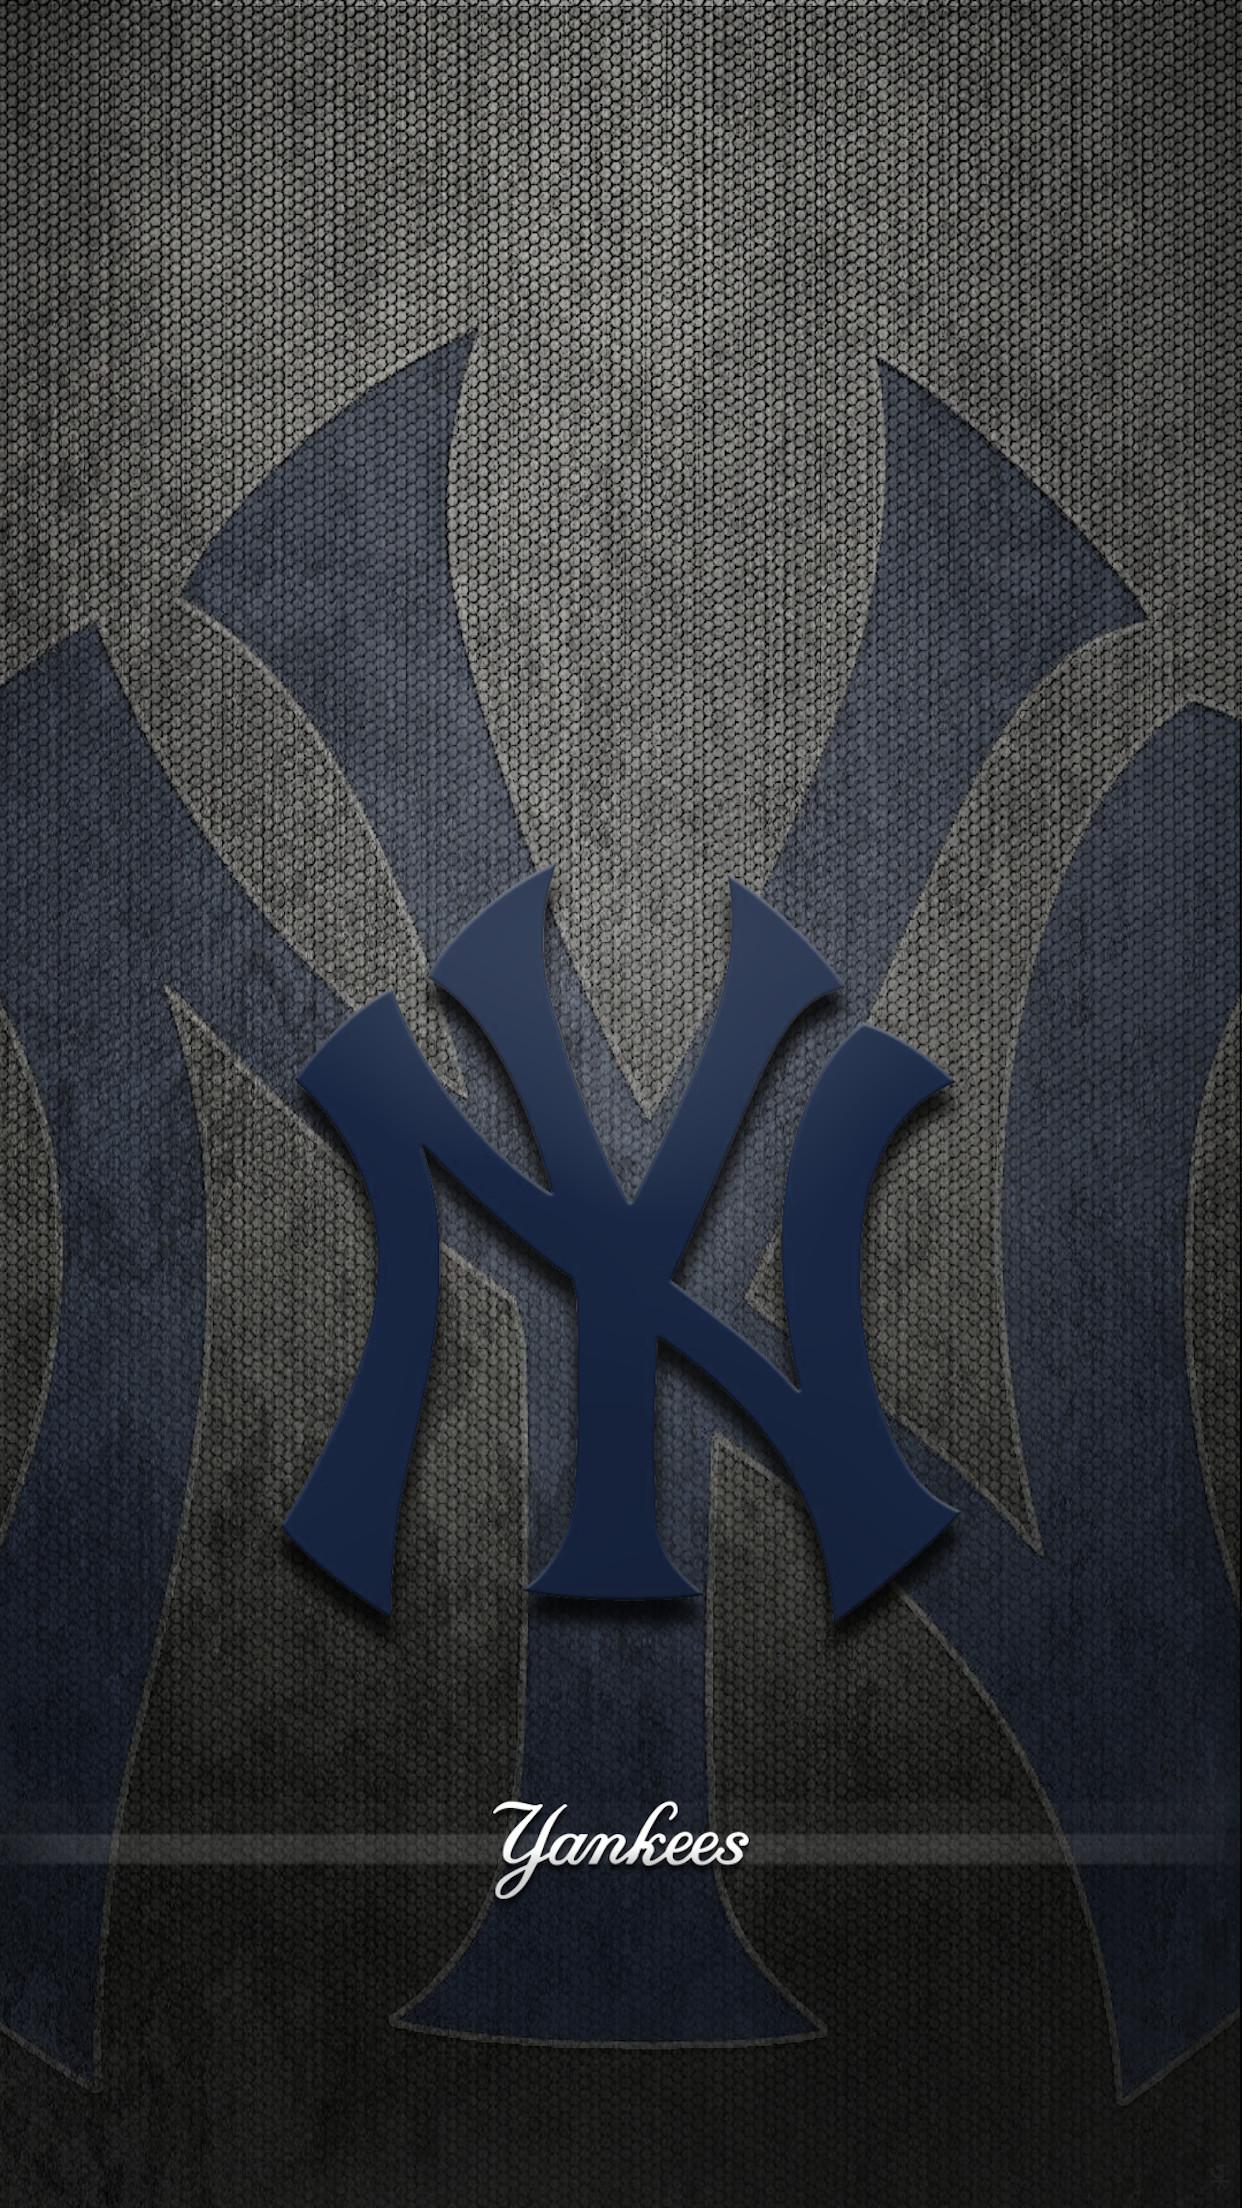 New York Yankees Wallpaper For Iphone 5 Yankees Logo Wallpaper 64 Images